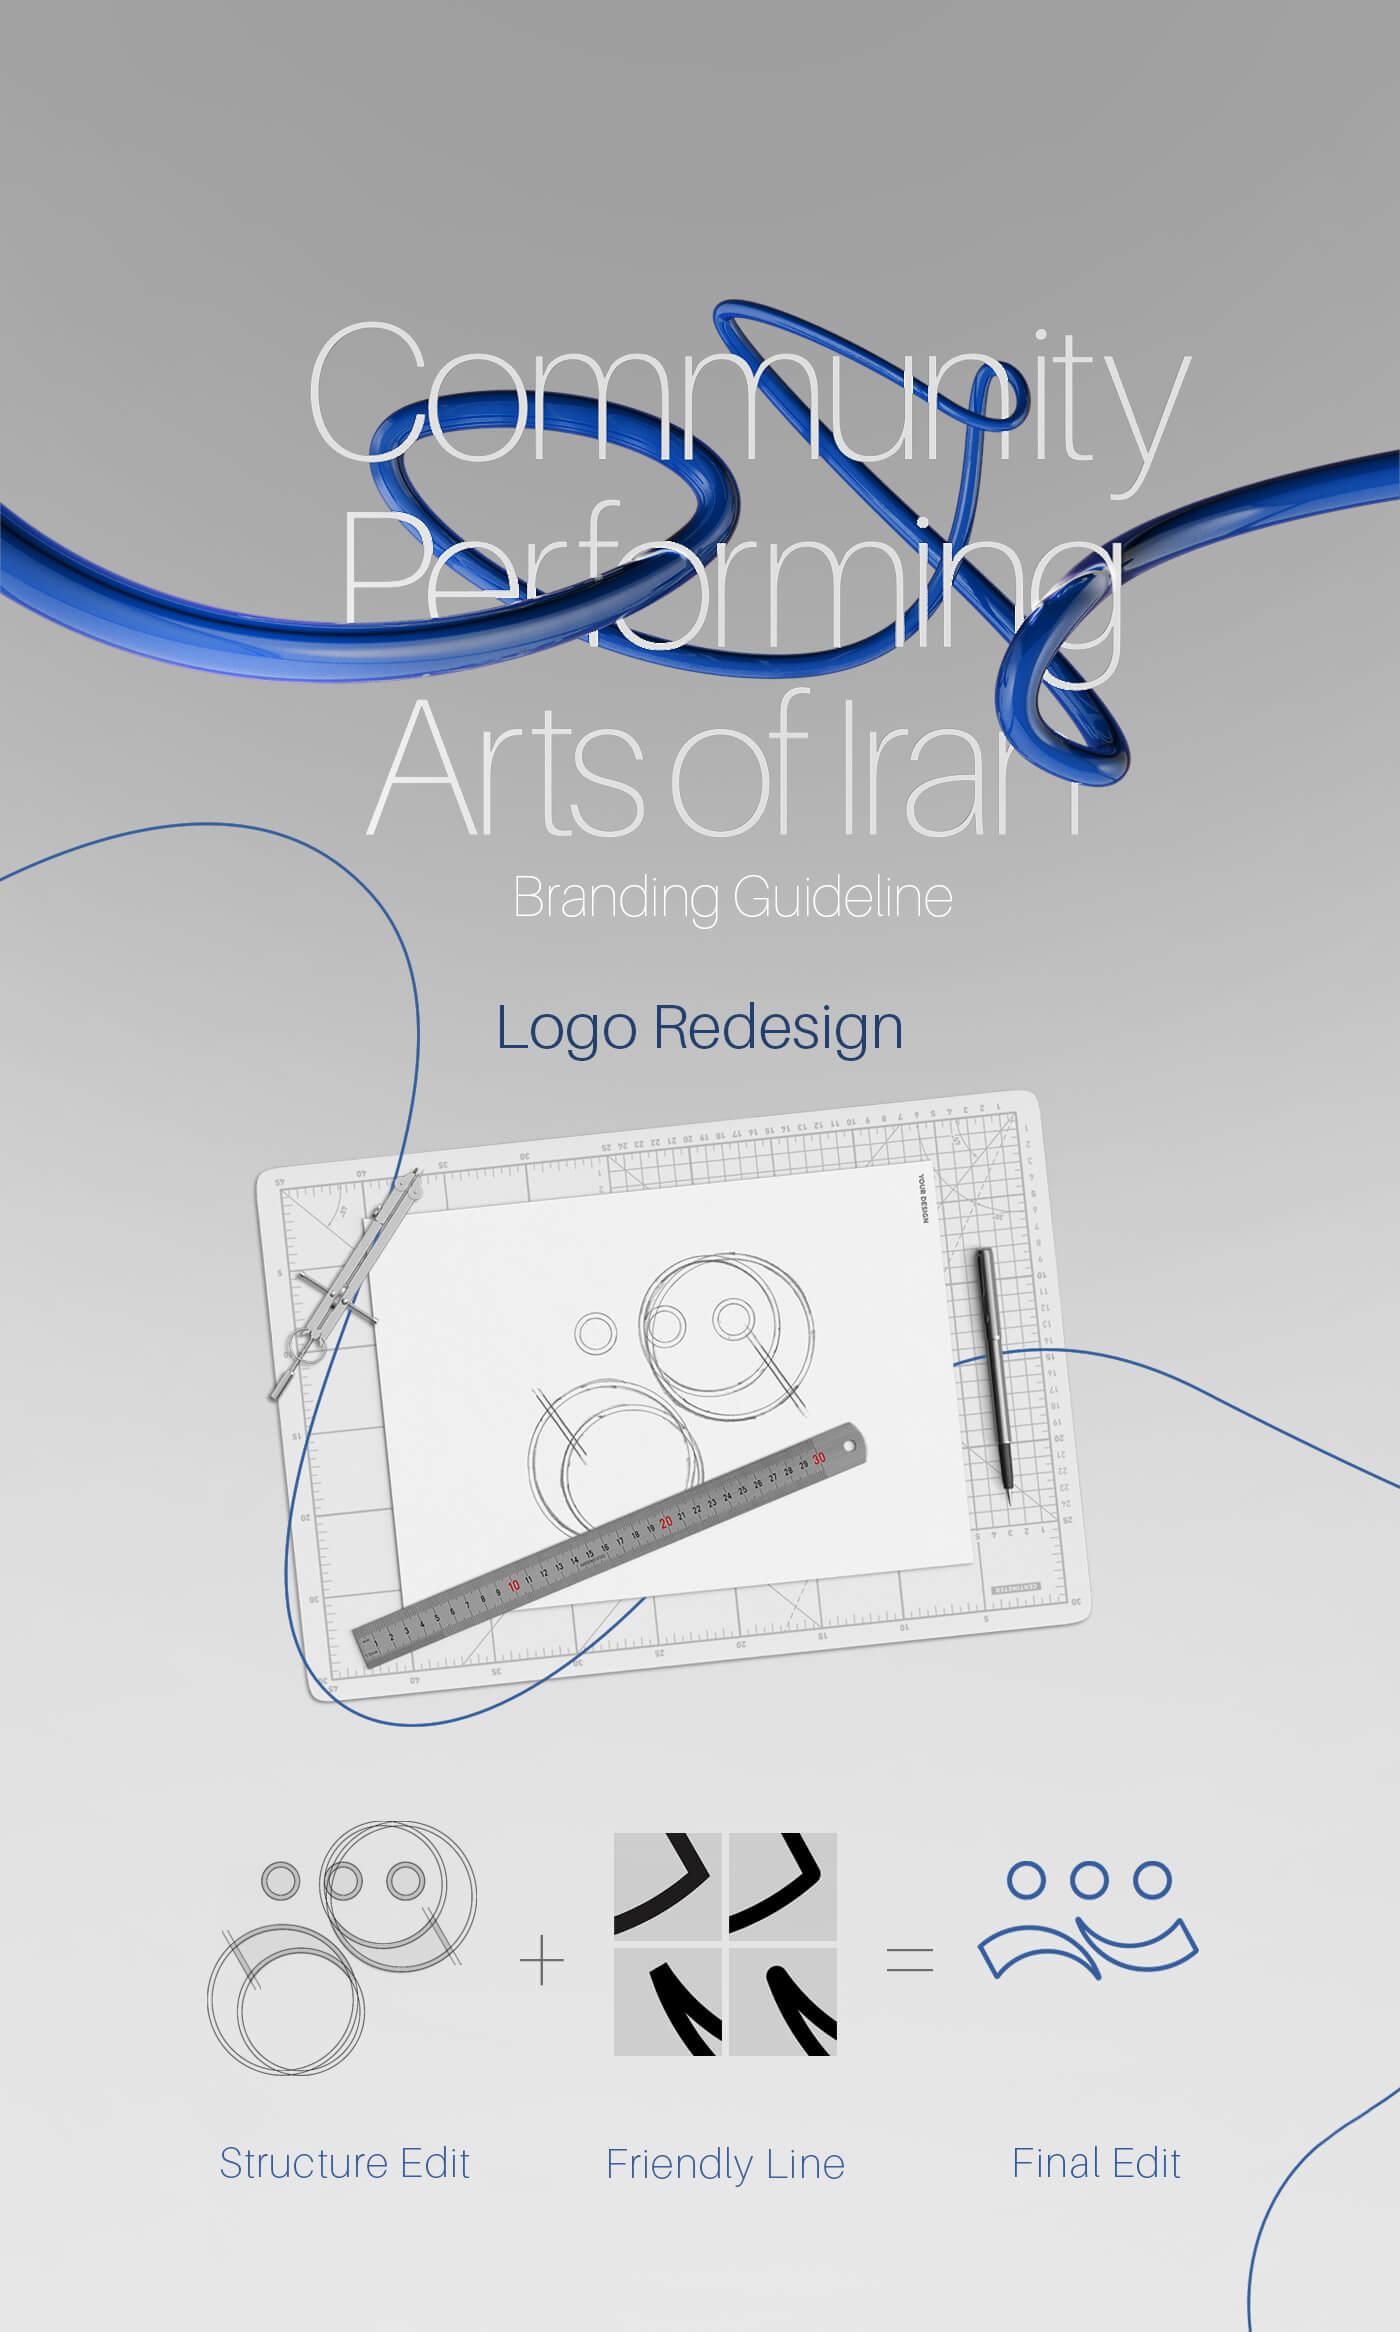 هویت بصری انجمن هنرهای نمایشی 1، انجمن هنرهای نمایشی، هویت بصری، طراحی لوگو، طراحی لوگوتایپ، طراحی ست اداری، طراحی اوراق اداری، شرکت تبلیغاتی الف، طراحی هویت بصری